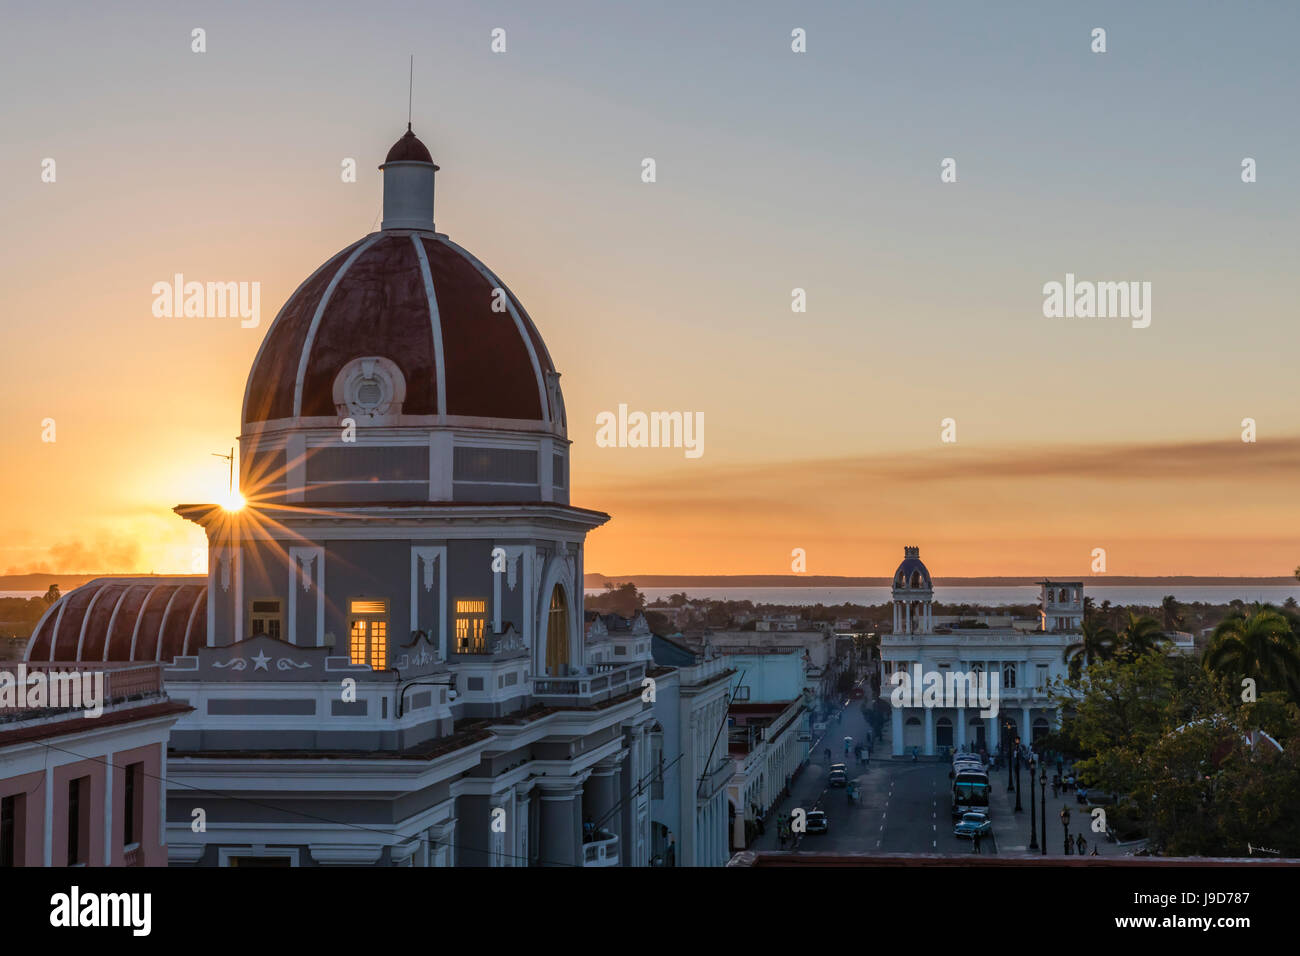 Antiguo Ayuntamiento, accueil de l'édifice du gouvernement provincial au coucher du soleil, l'UNESCO, Cienfuegos, Cuba, Antilles, Caraïbes Banque D'Images